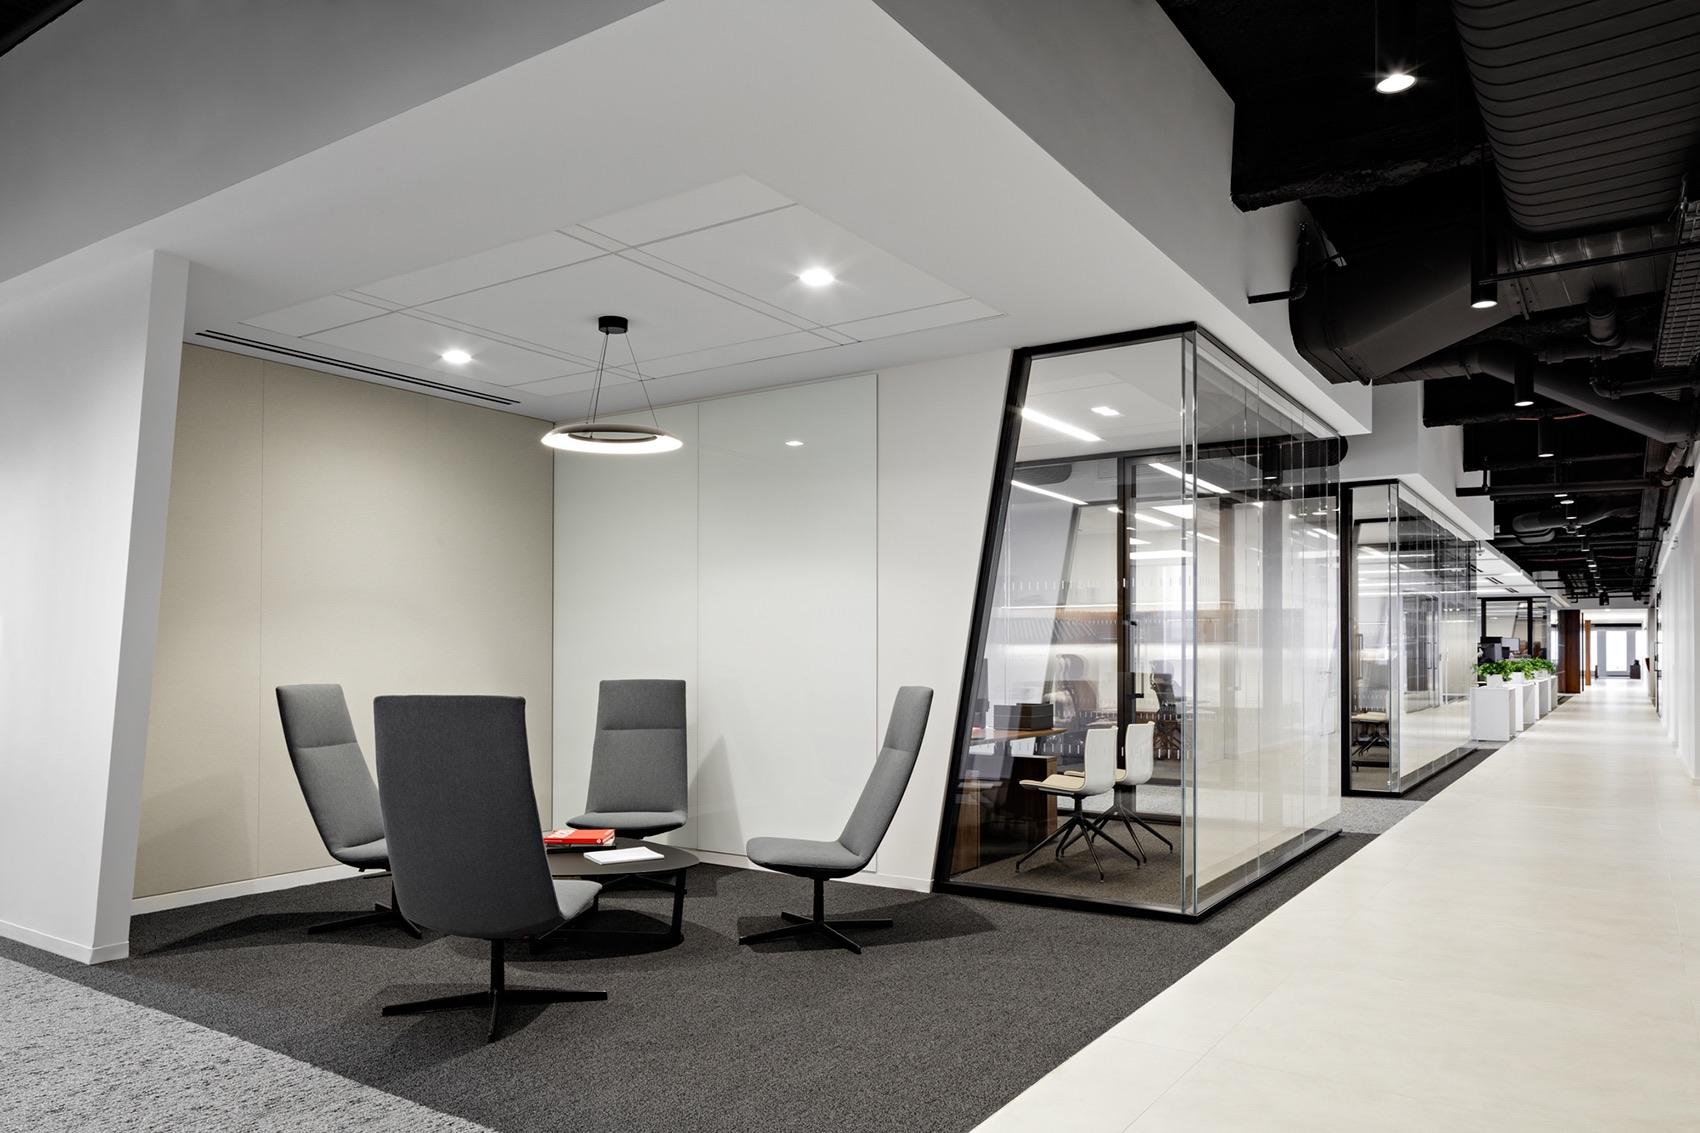 waterfall-asset-management-office-11